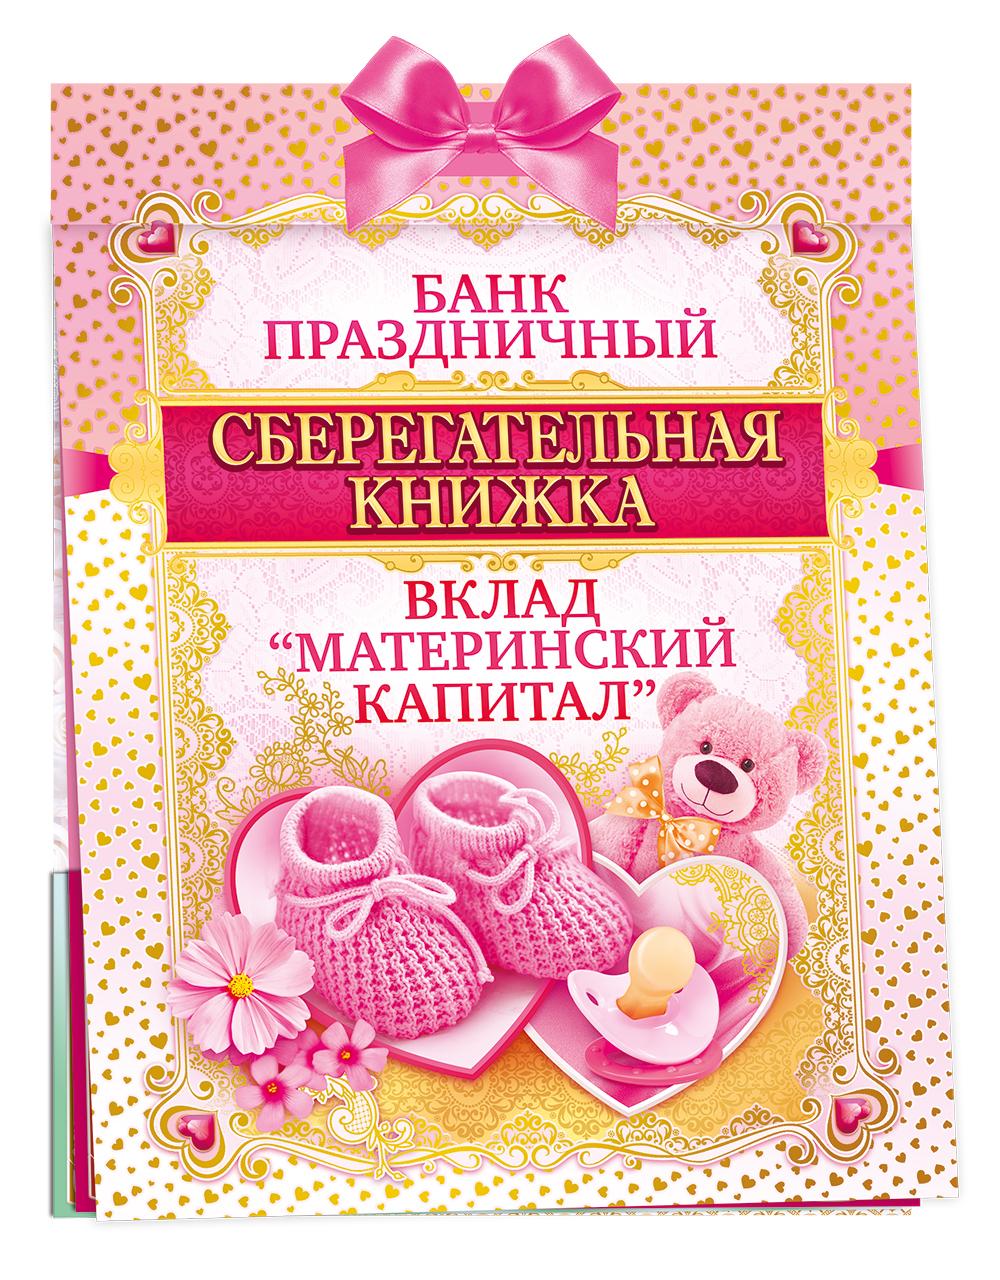 Материнский капитал открытка